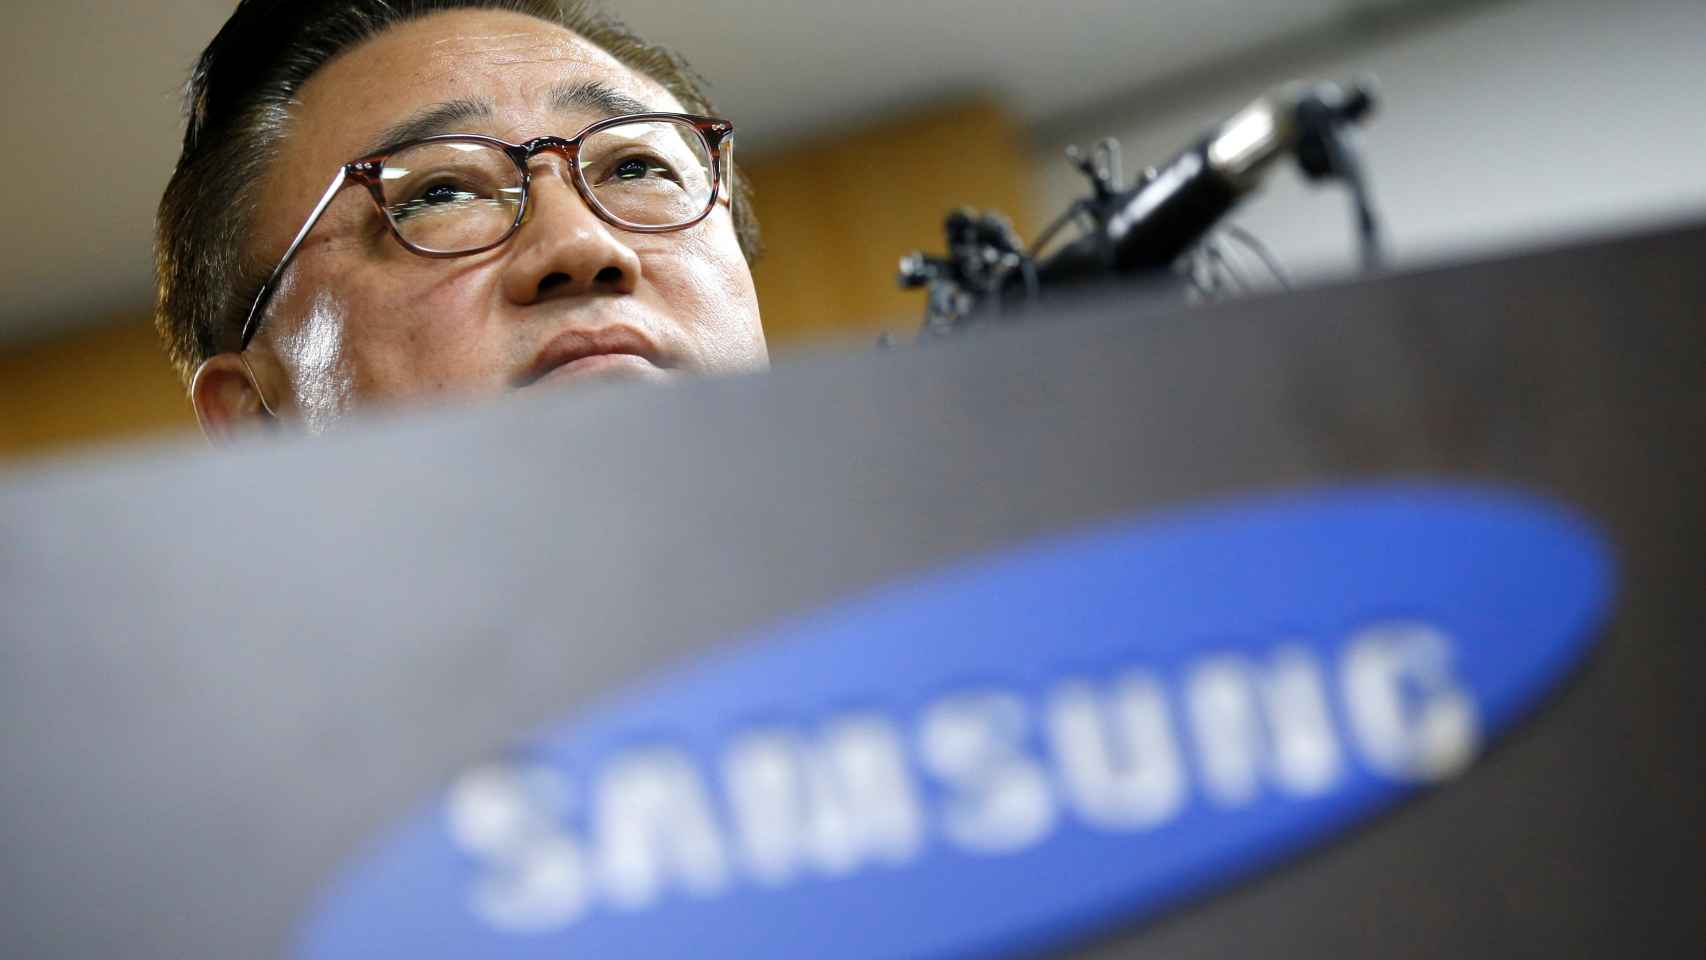 El presidente de Samsung durante la conferencia de prensa ofrecida hoy.